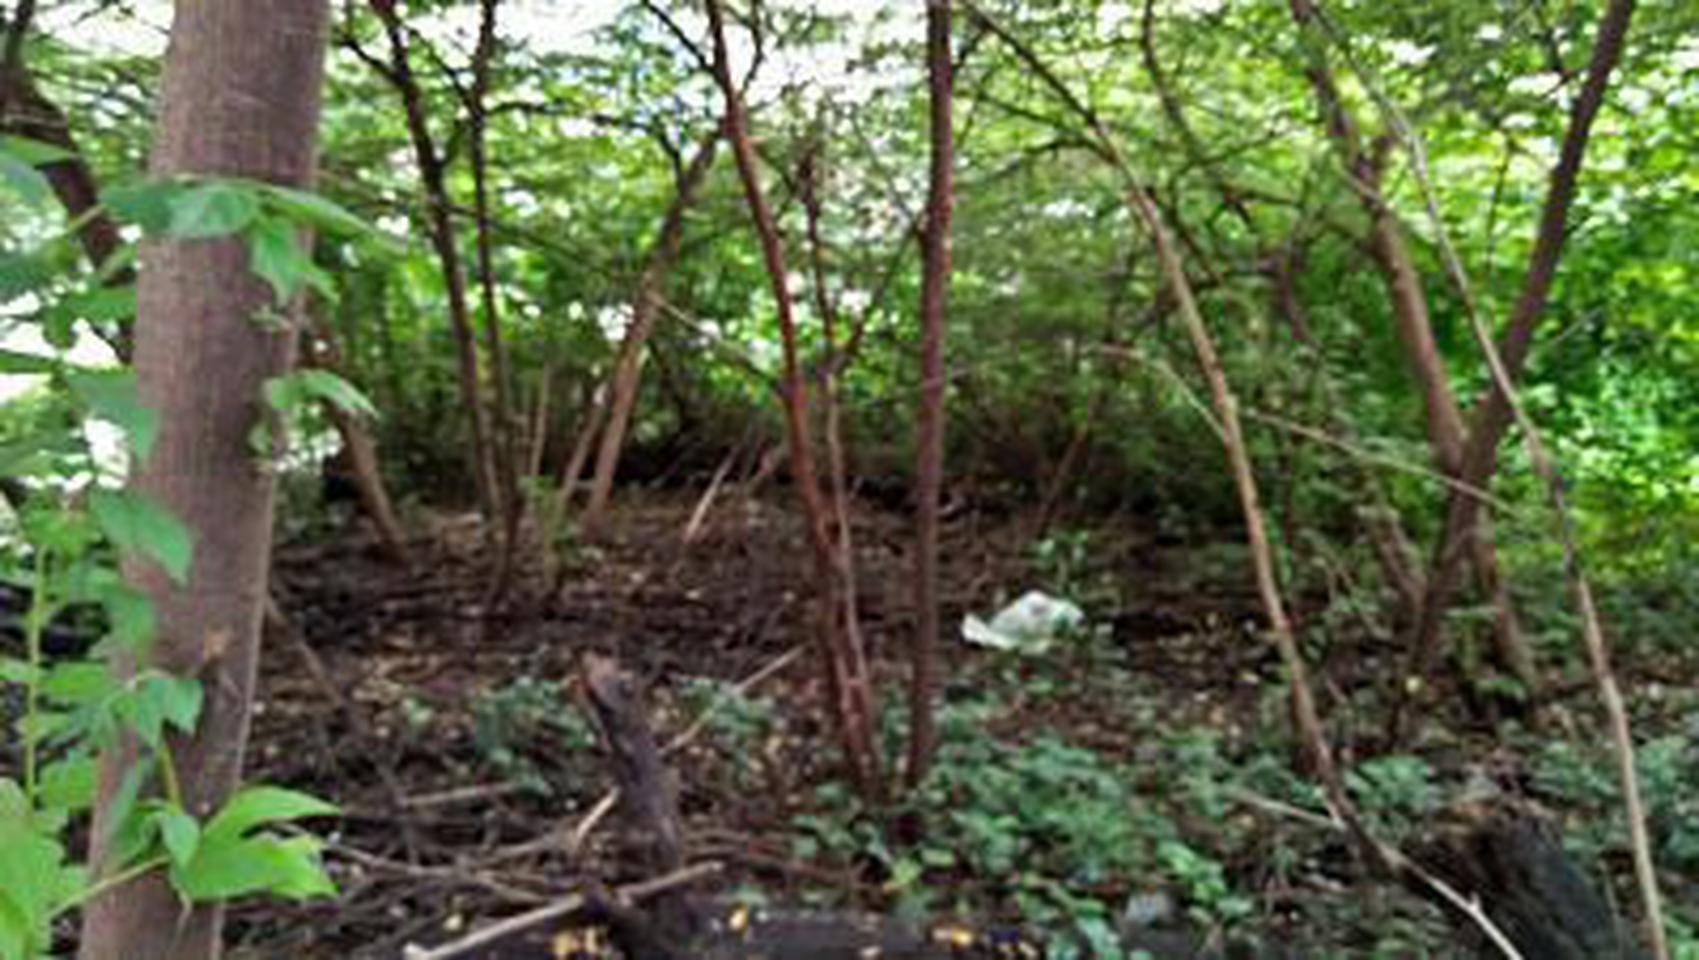 ให้เช่าที่ดินสภาพมีต้นไม้ปกคลุมเต็มติดถนนในซอย ร้อยวา เหมาะท รูปที่ 3